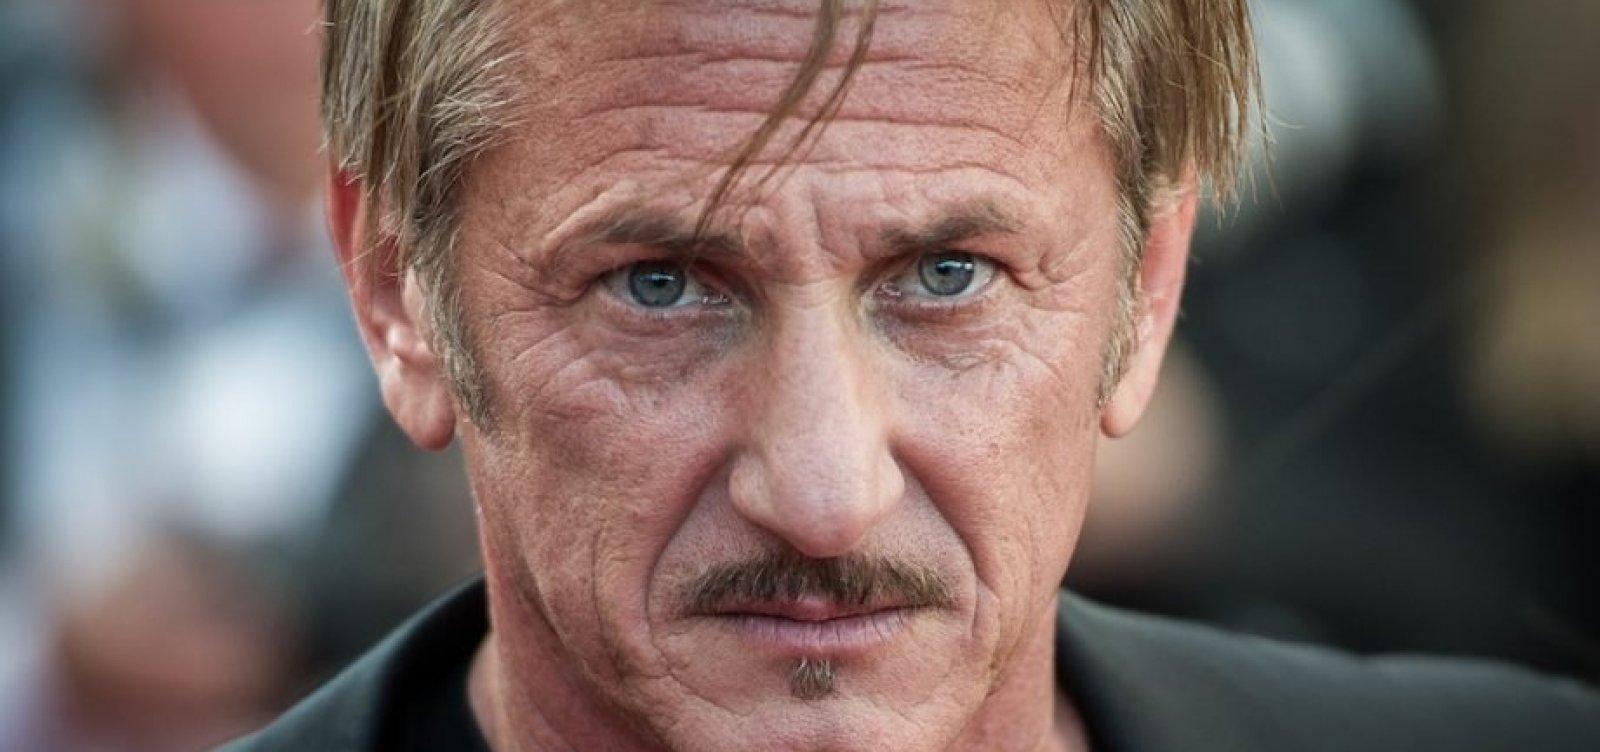 [Sean Penn diz que movimento #MeToo serve para 'dividir homens e mulheres']